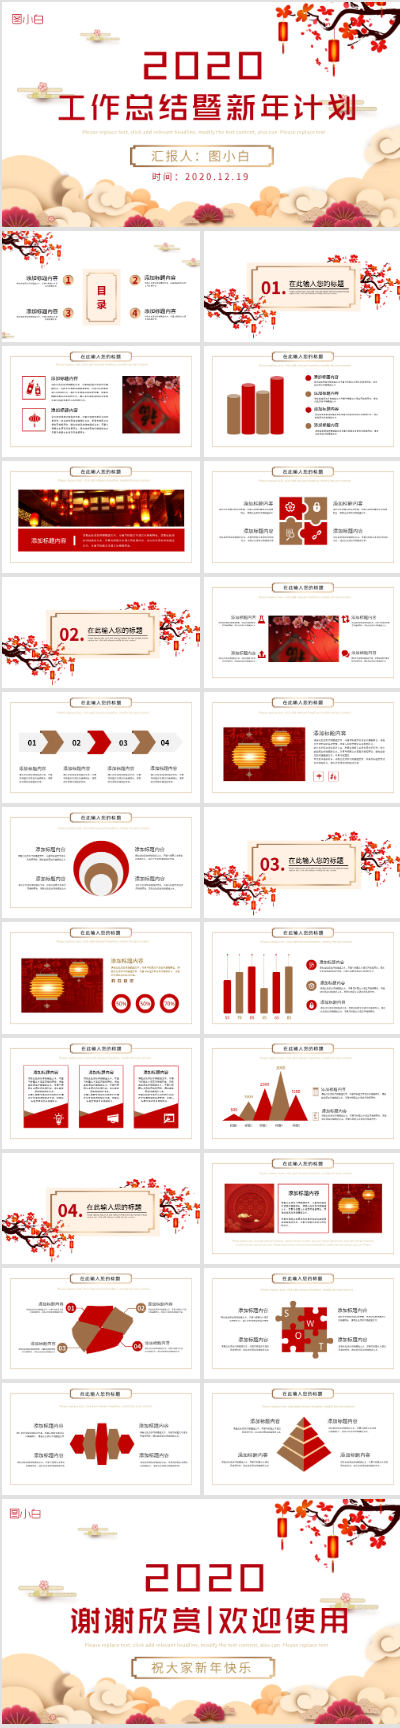 红色简约典雅中国风工作总结新年计划